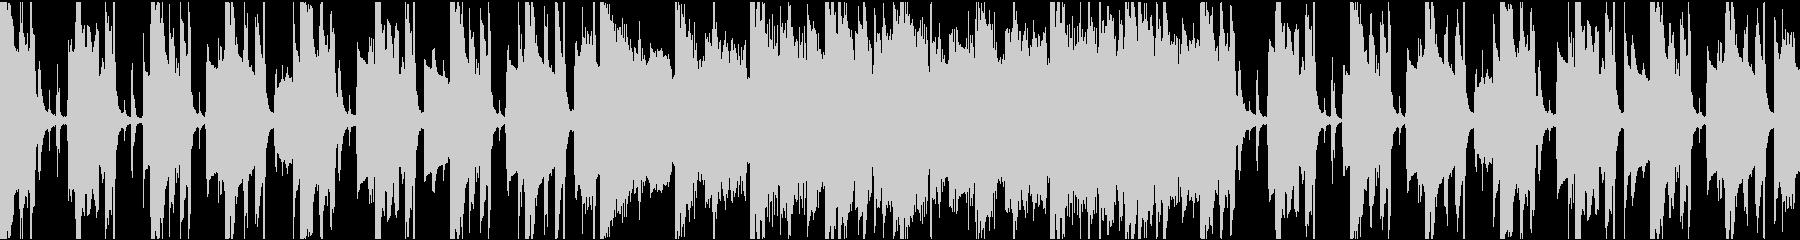 ゆったりコミカル/カラオケ/ループの未再生の波形